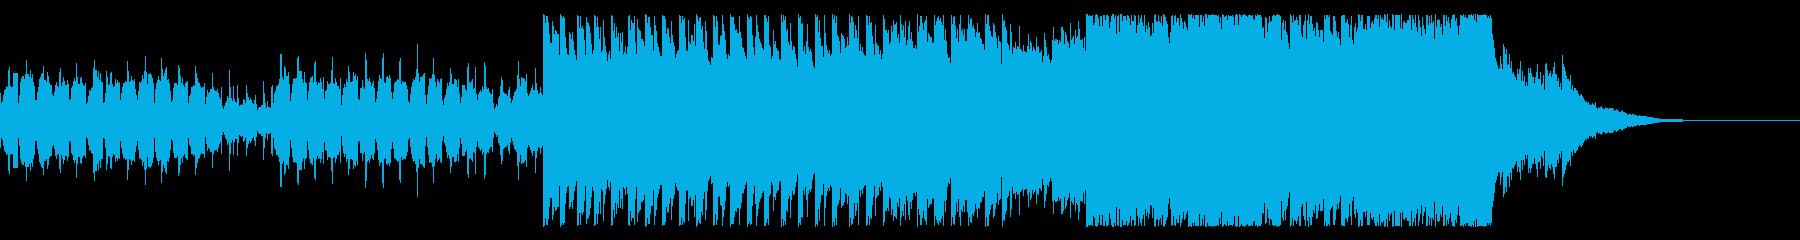 ポップロック研究所モダンなロックの...の再生済みの波形